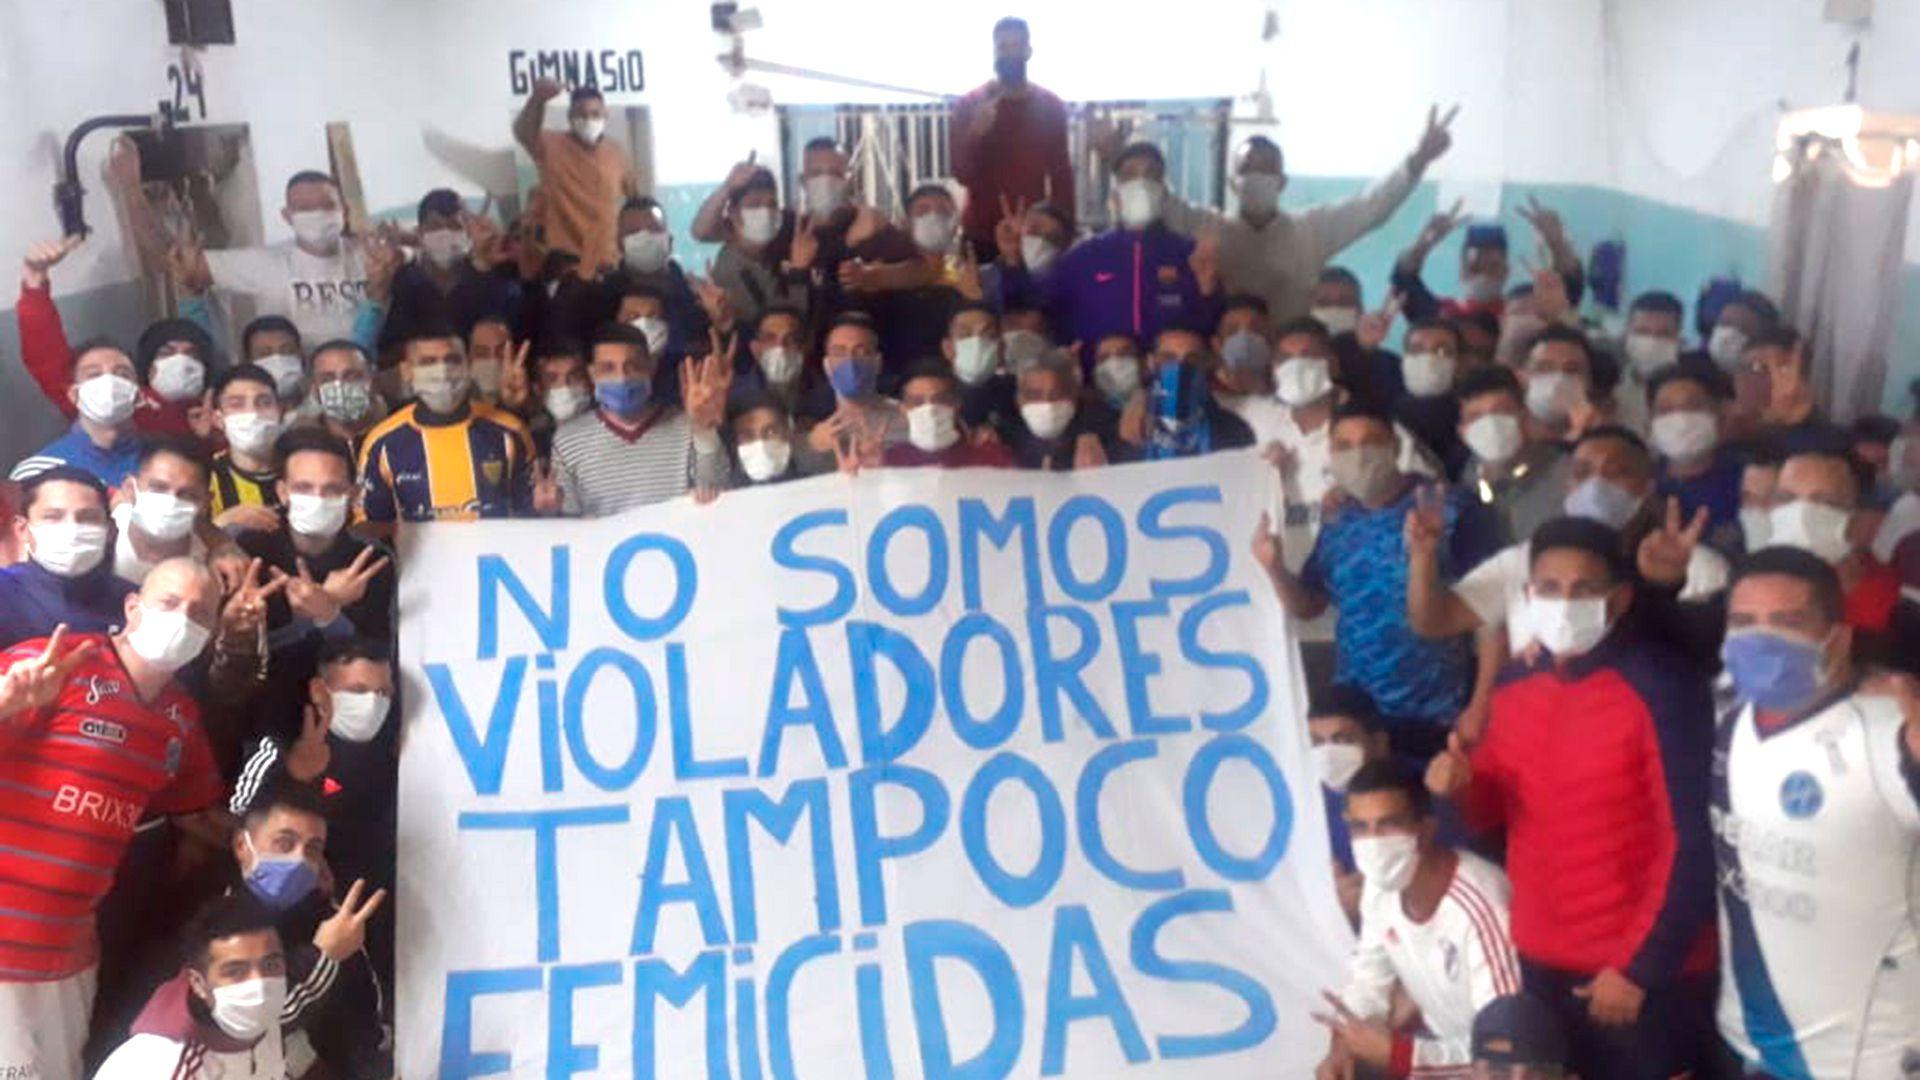 El reclamo de los presos de la cárcel de Devoto, quienes se amotinaron para recibir el beneficio de la prisión domiciliaria por la pandemia de COVID-19